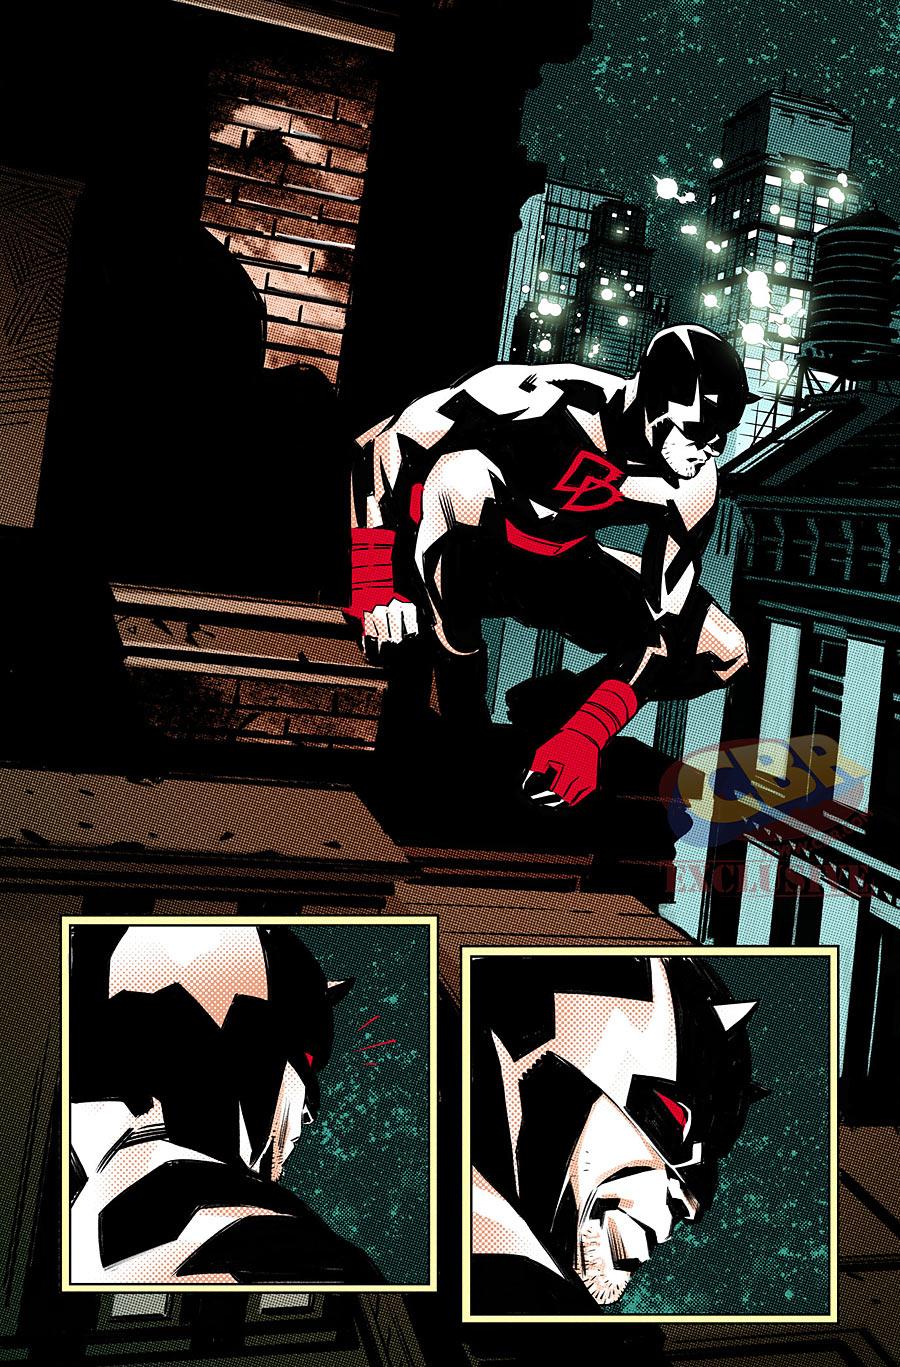 Daredevil #6, anteprima 01